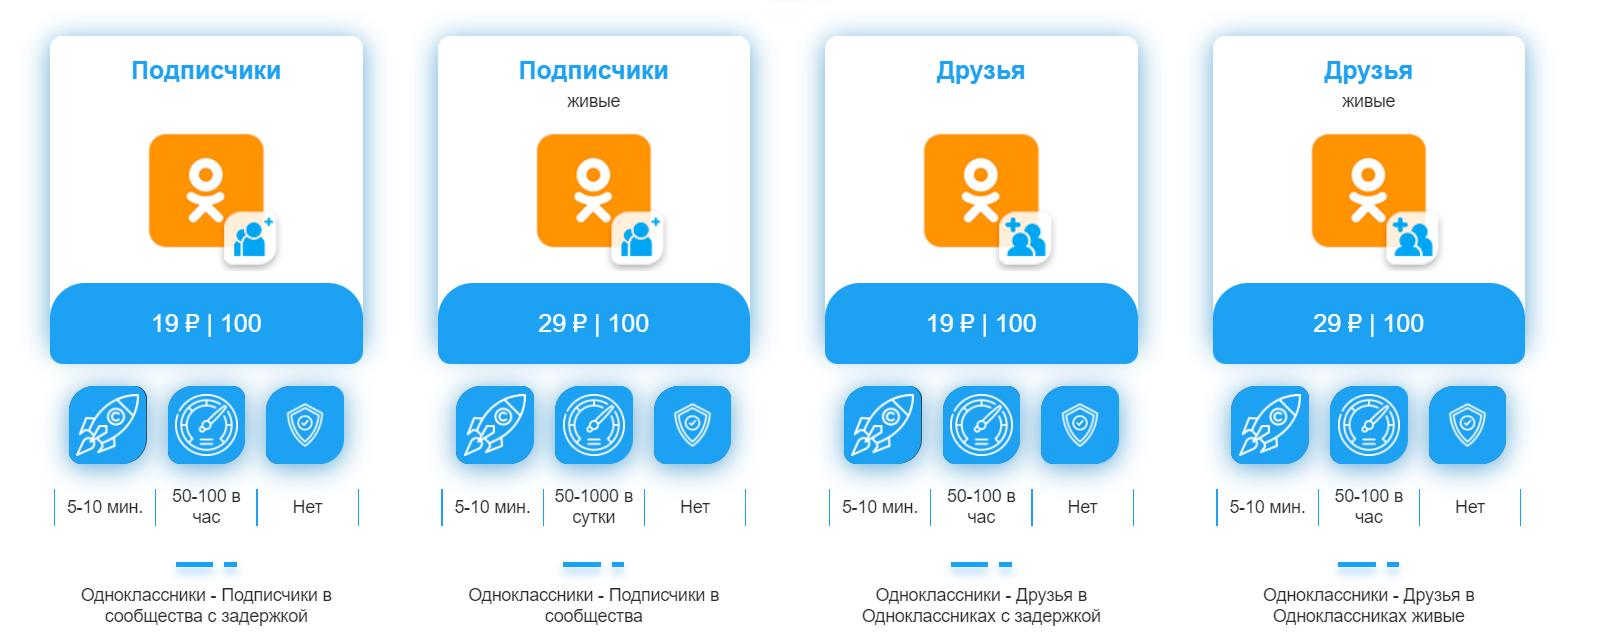 Подписчики в Ок.ру